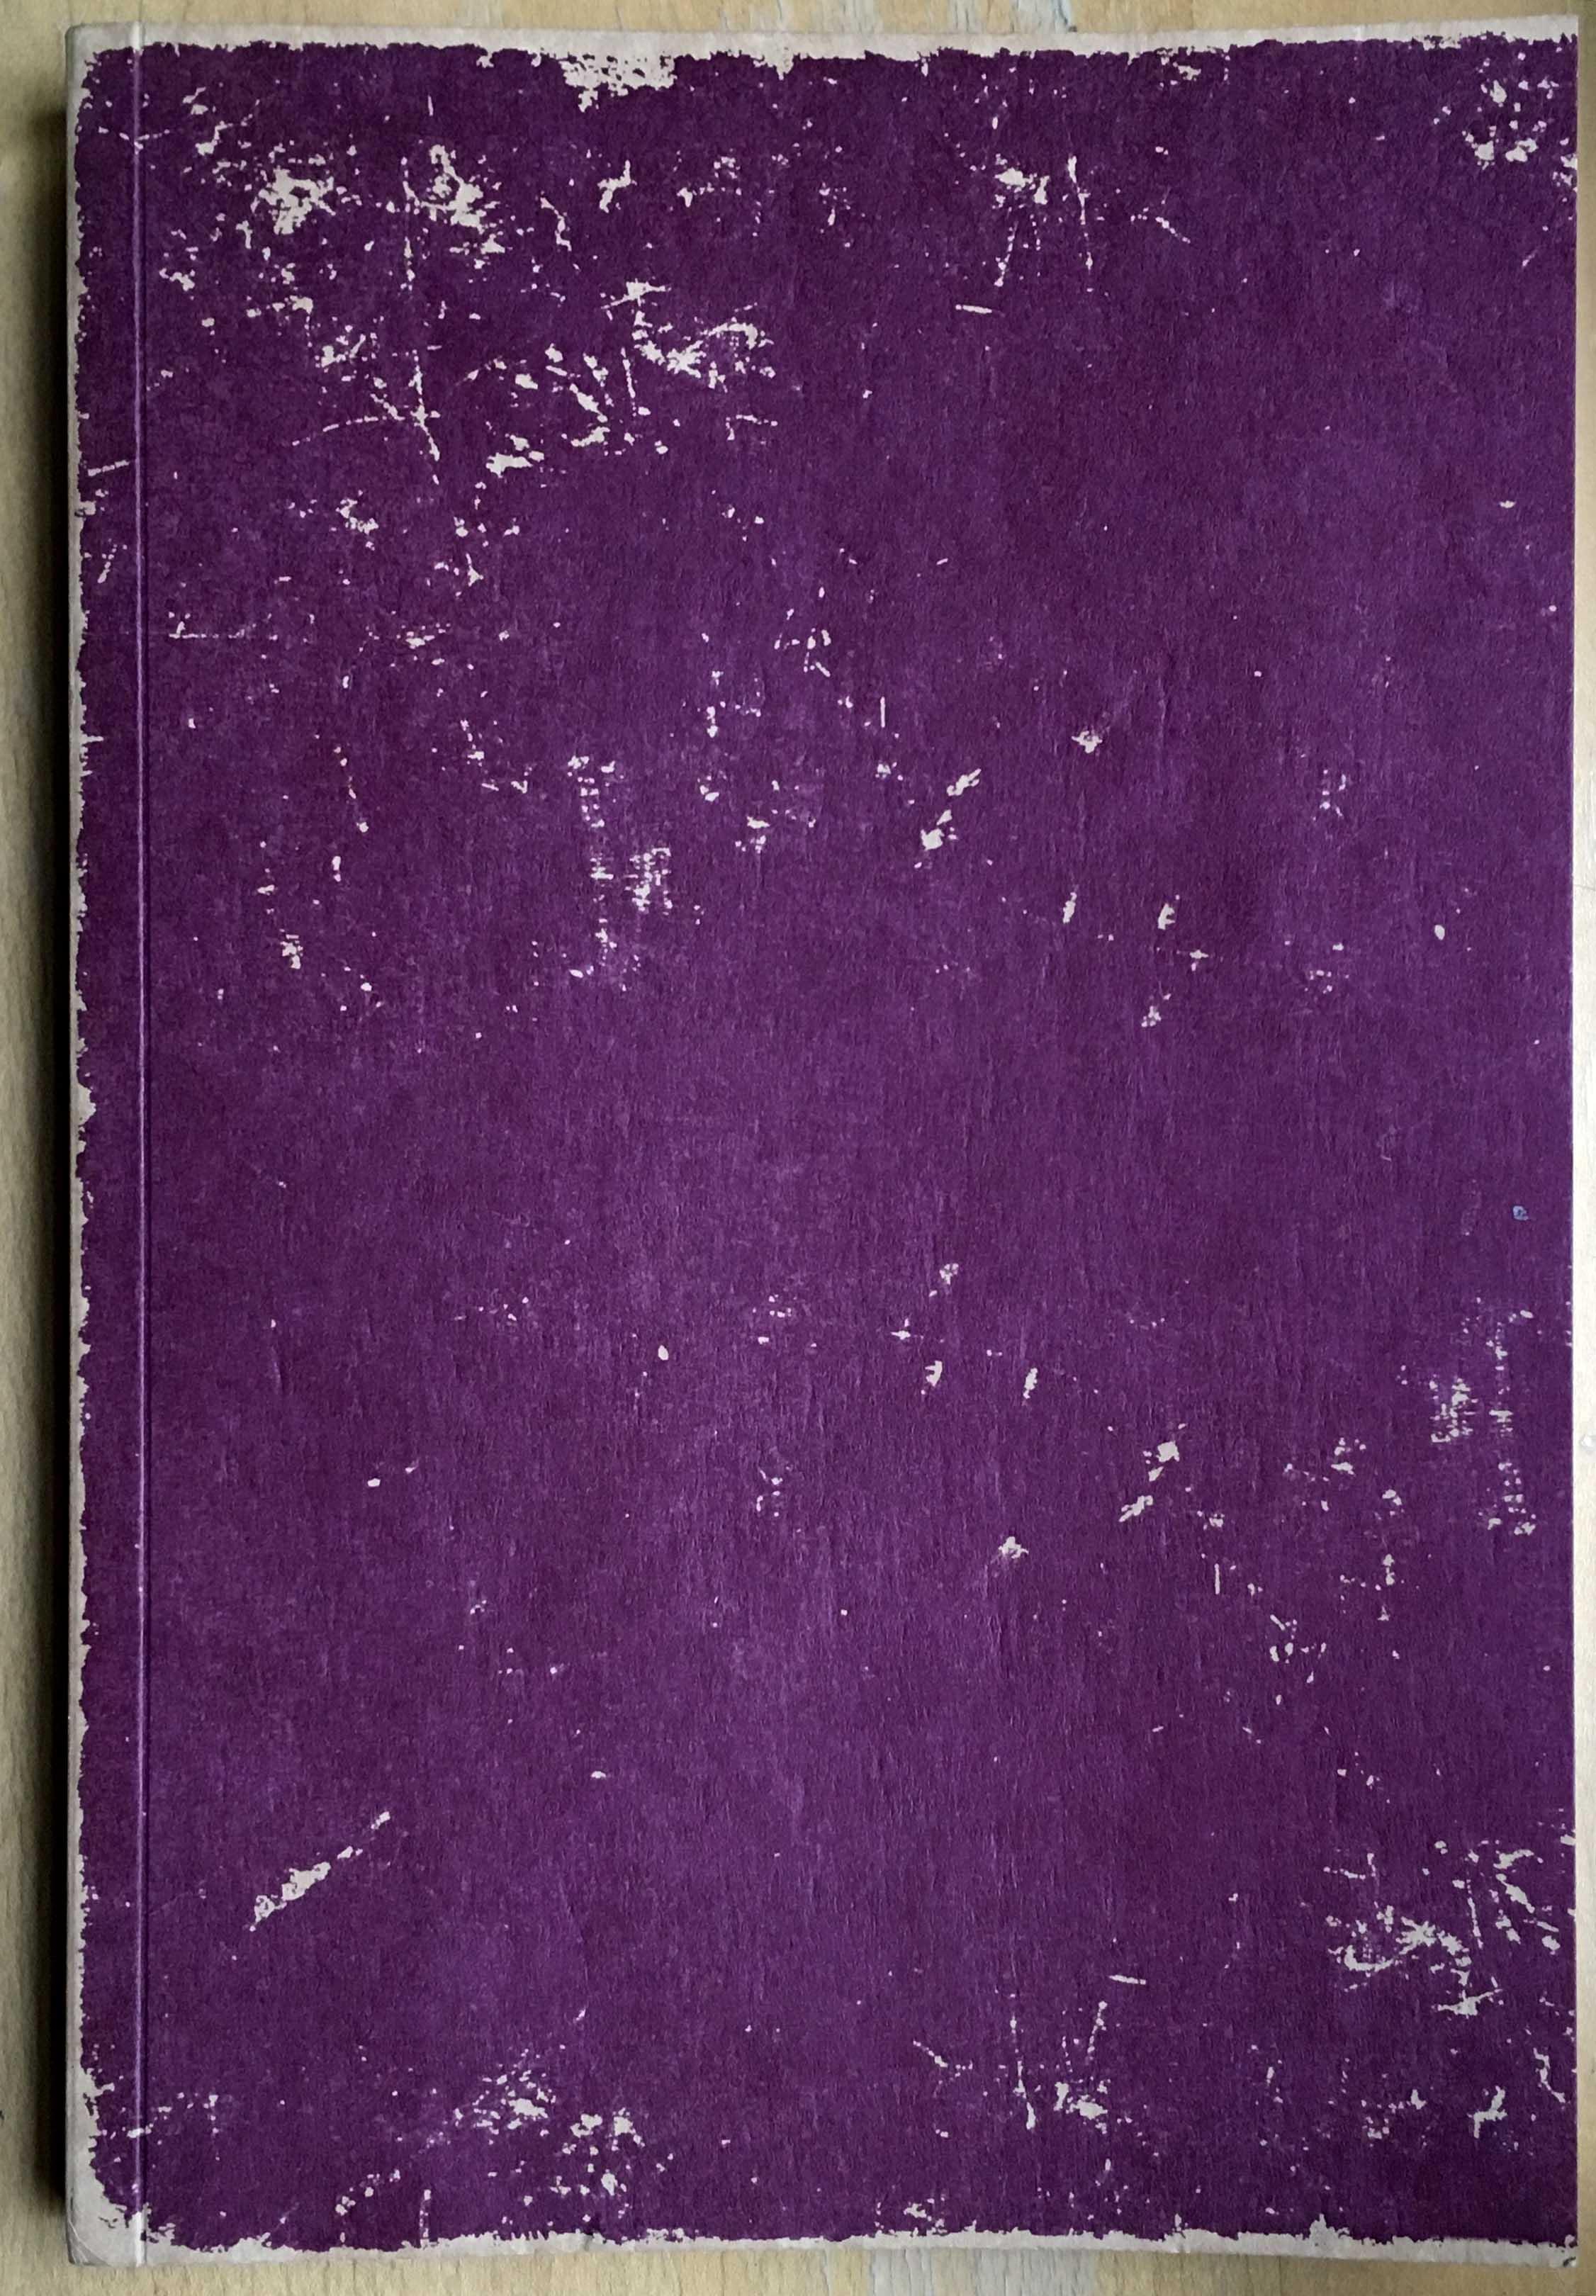 Cover of Bloque Mágico/Magic Block by Soledad García and Brandon La Belle